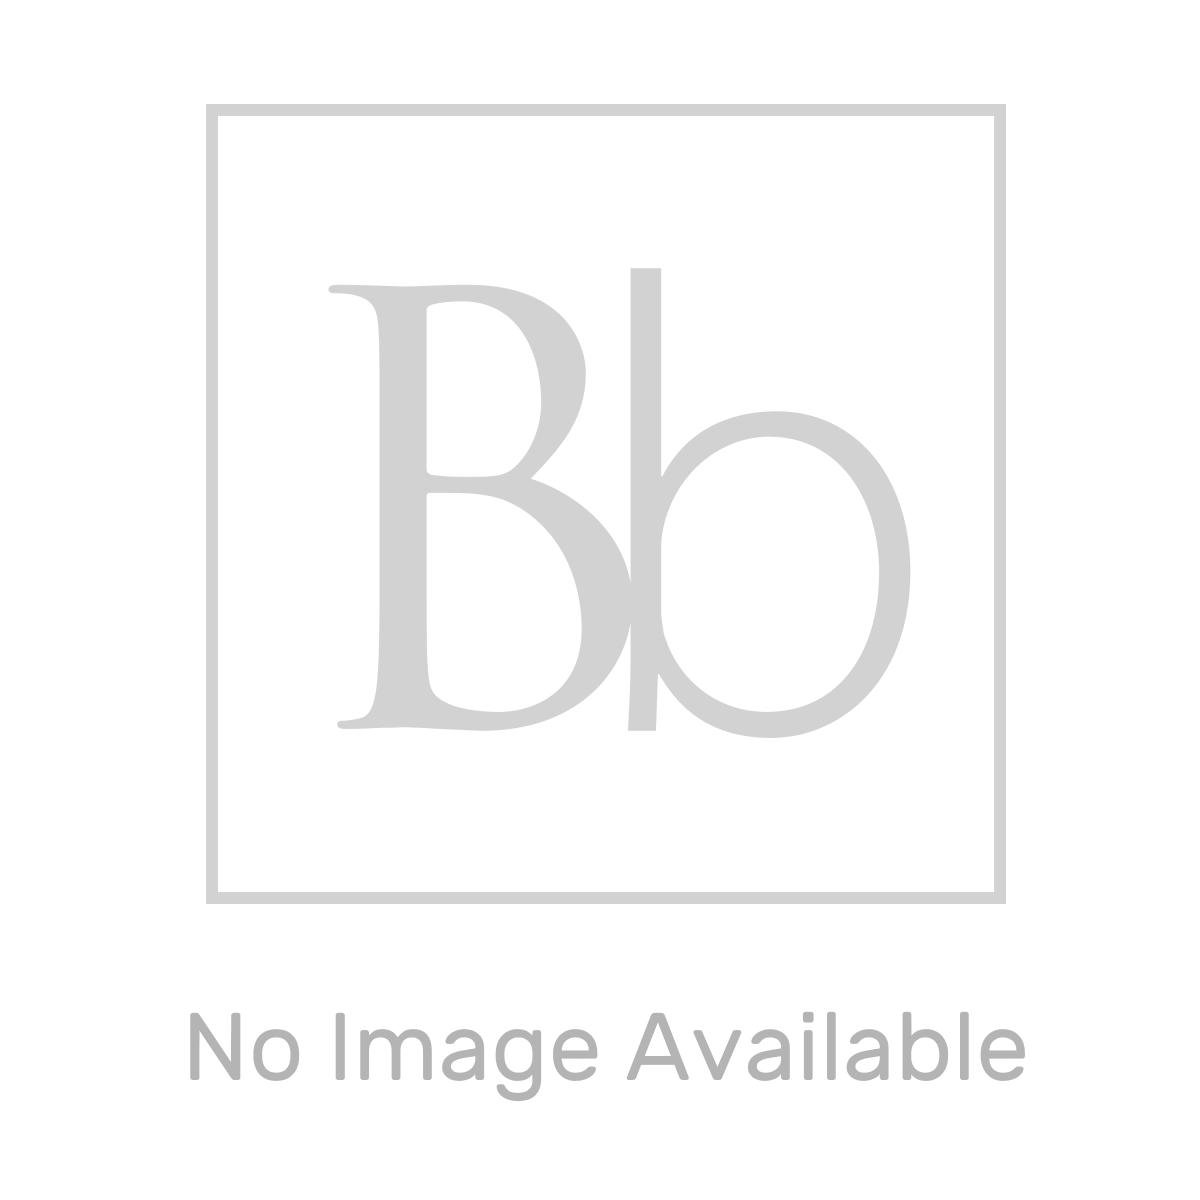 BTL Vema Flusso Chrome Bath Shower Mixer